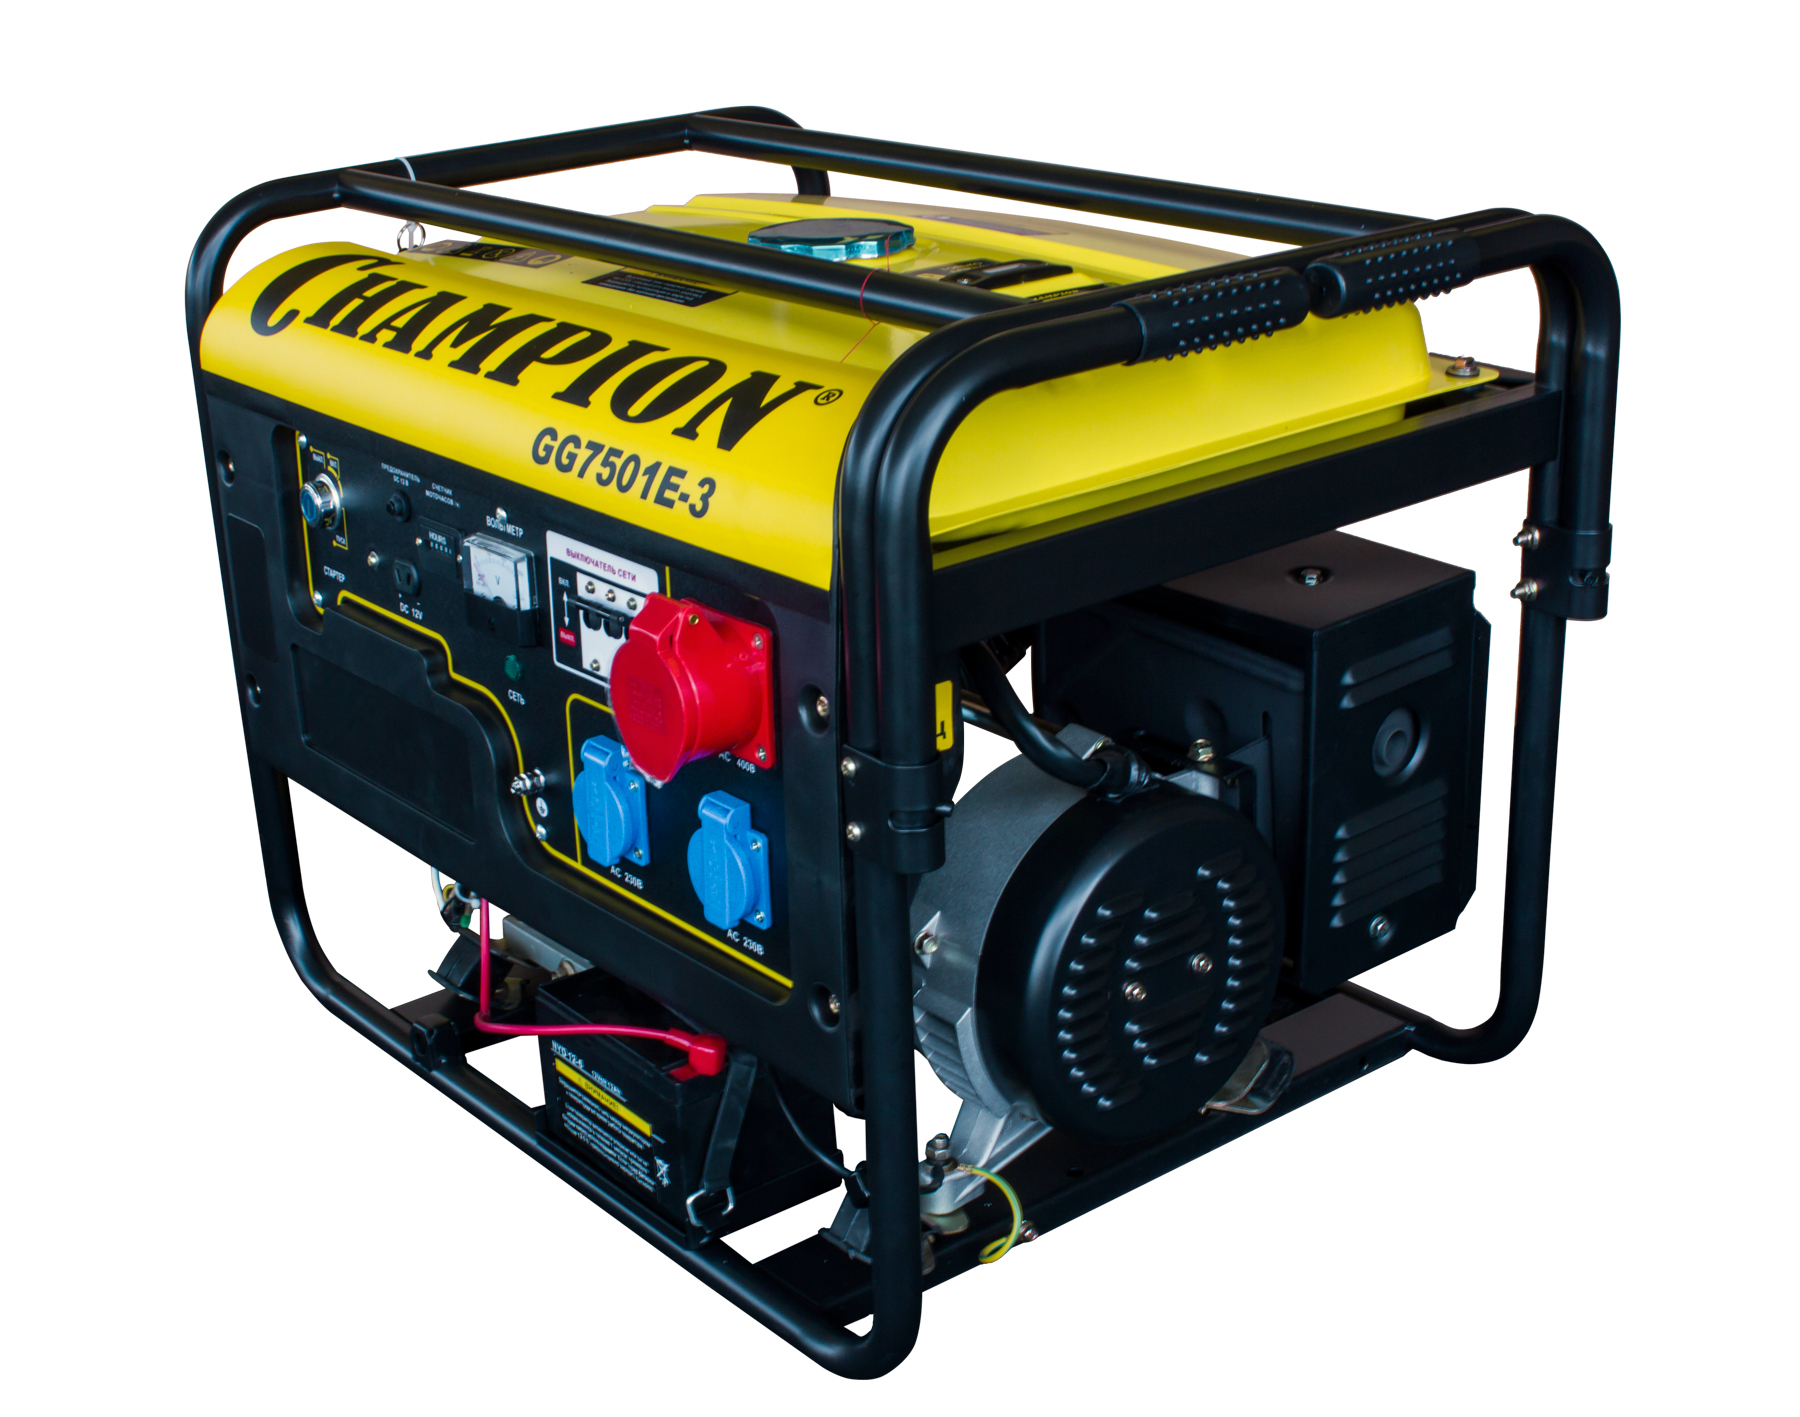 Бензиновый генератор Champion Gg7501e-3 акб champion dg10000e dg10000e 3 dg6501es c3506